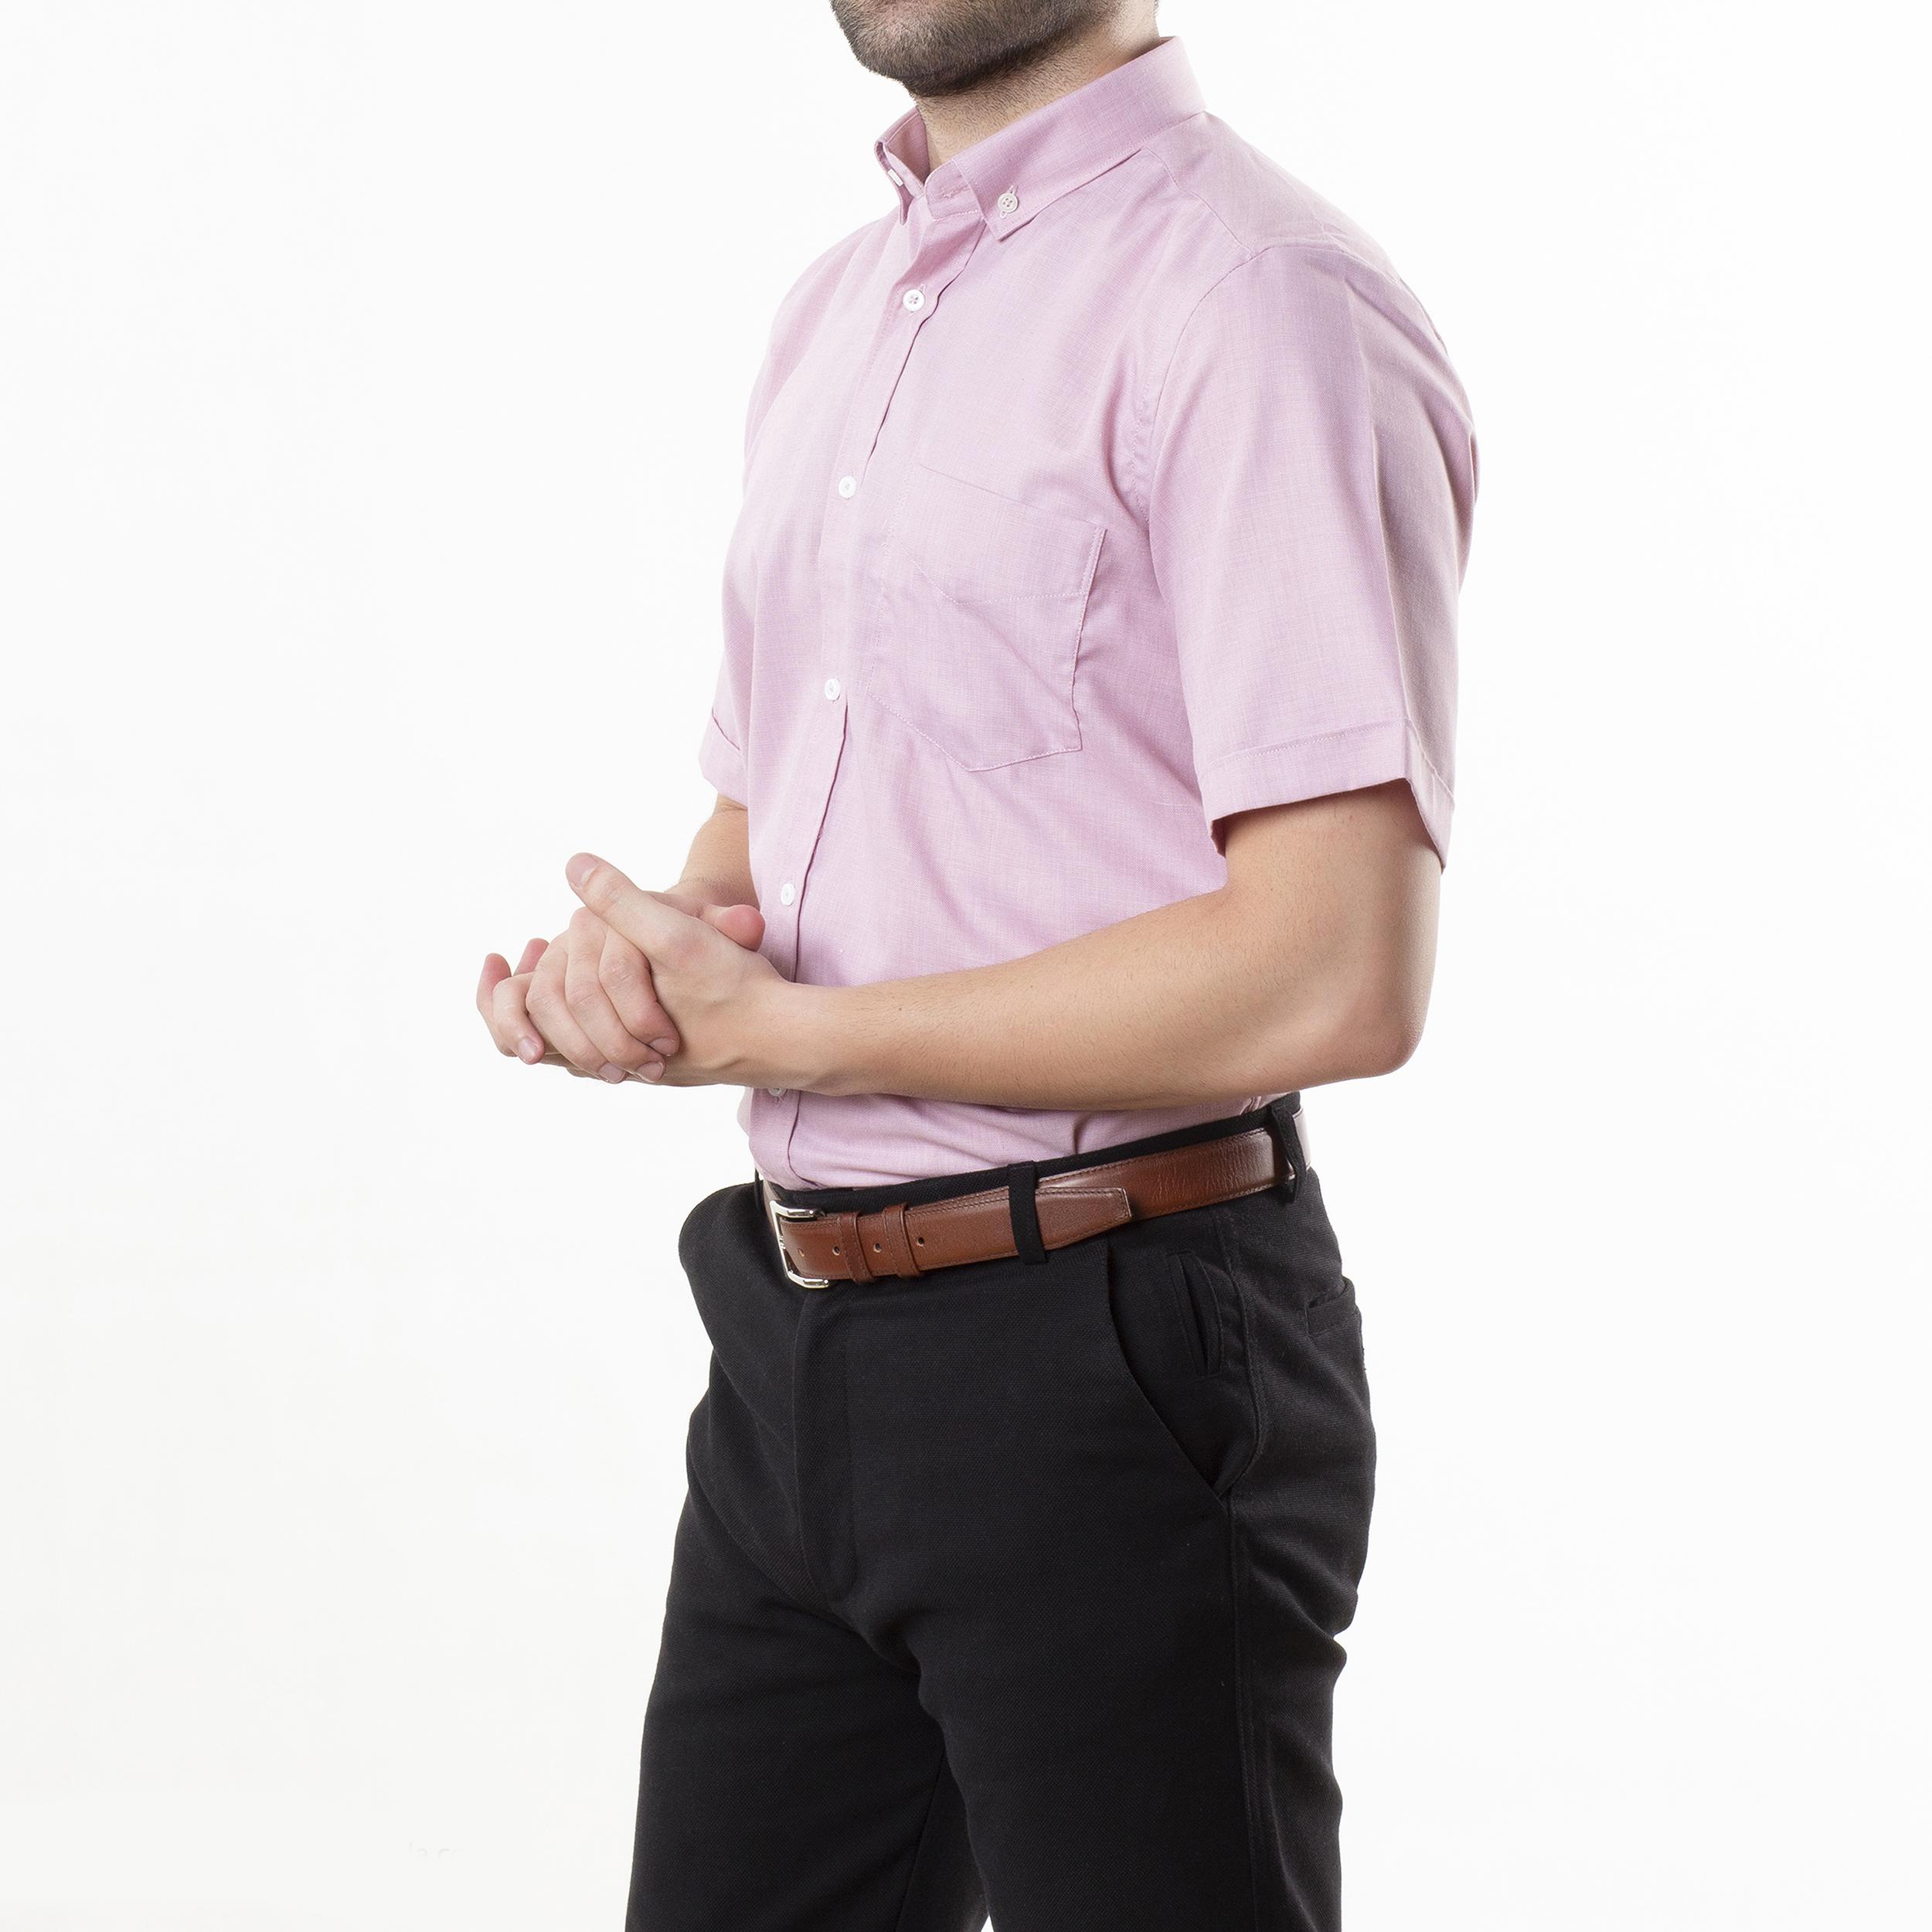 پیراهن آستین کوتاه مردانه زی مدل 1531406ML84